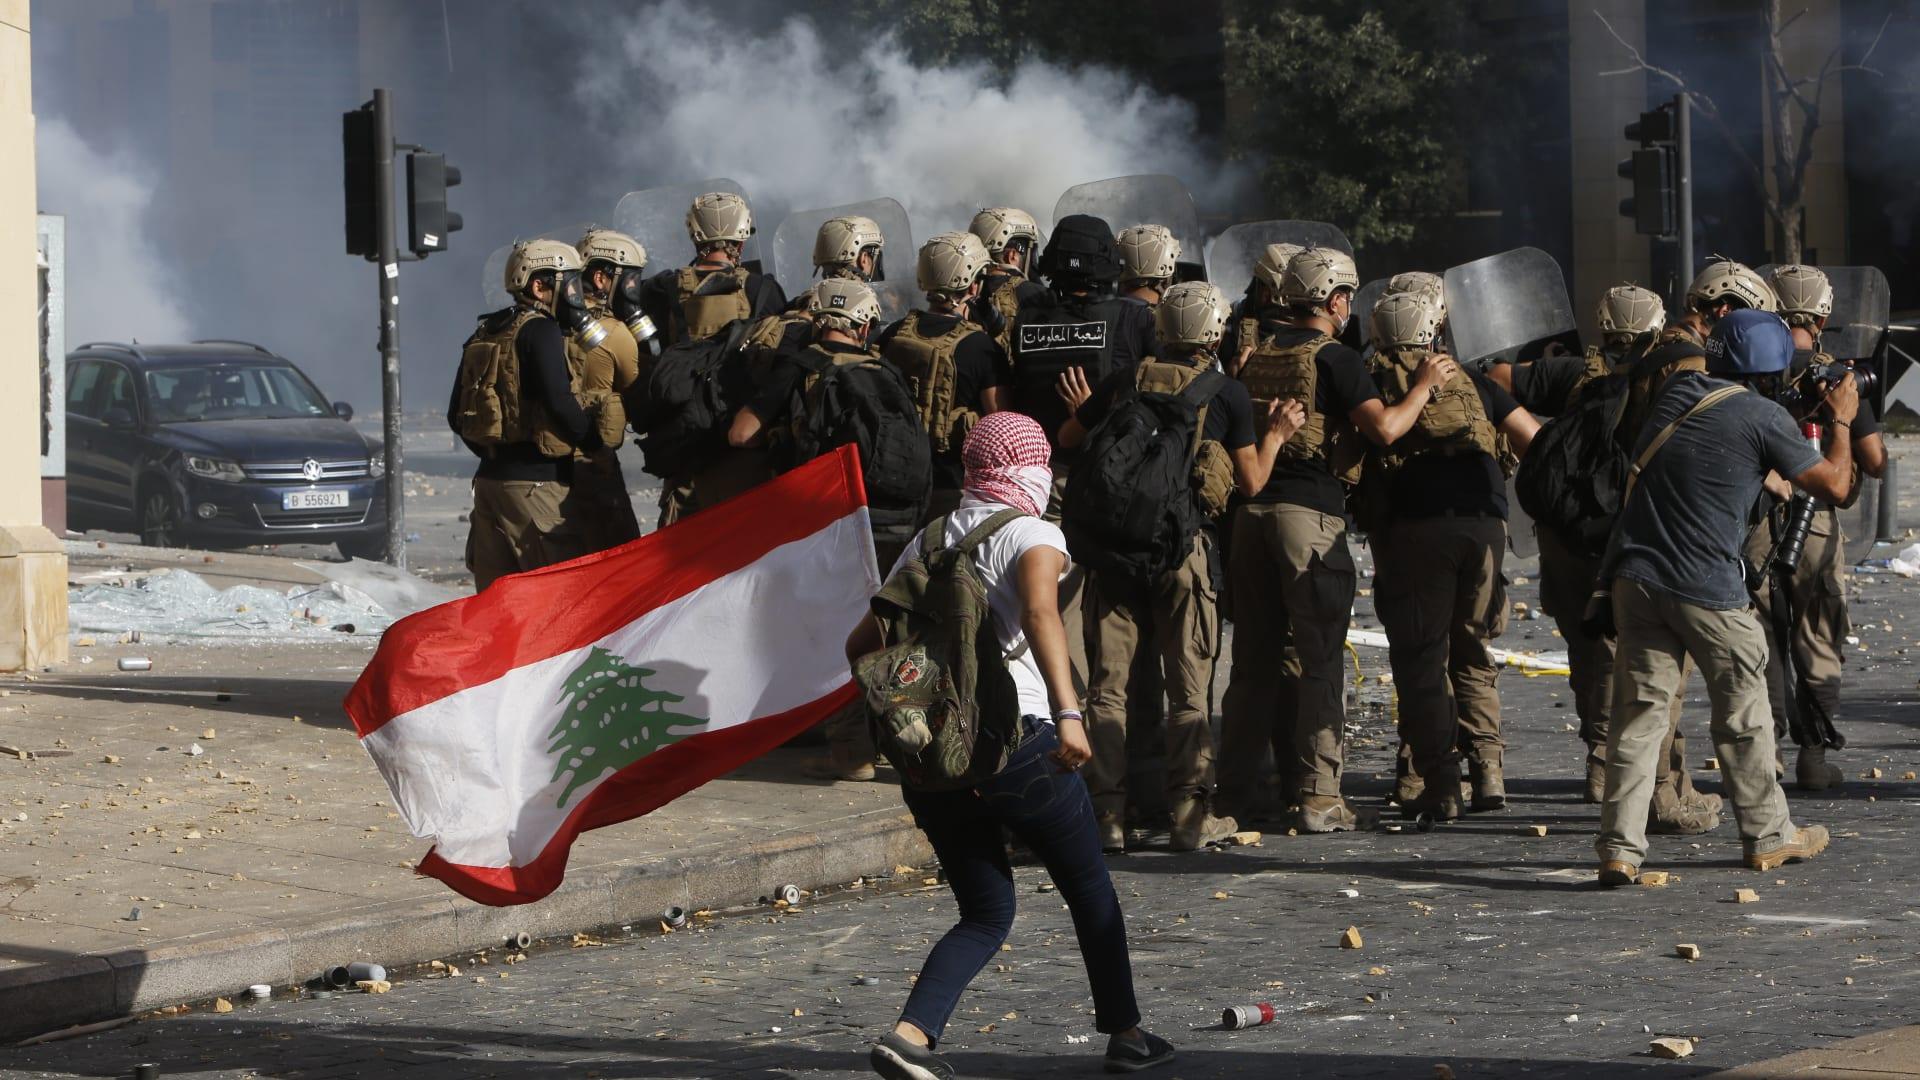 هتافات في وسط بيروت ومشانق افتراضية في الشوارع